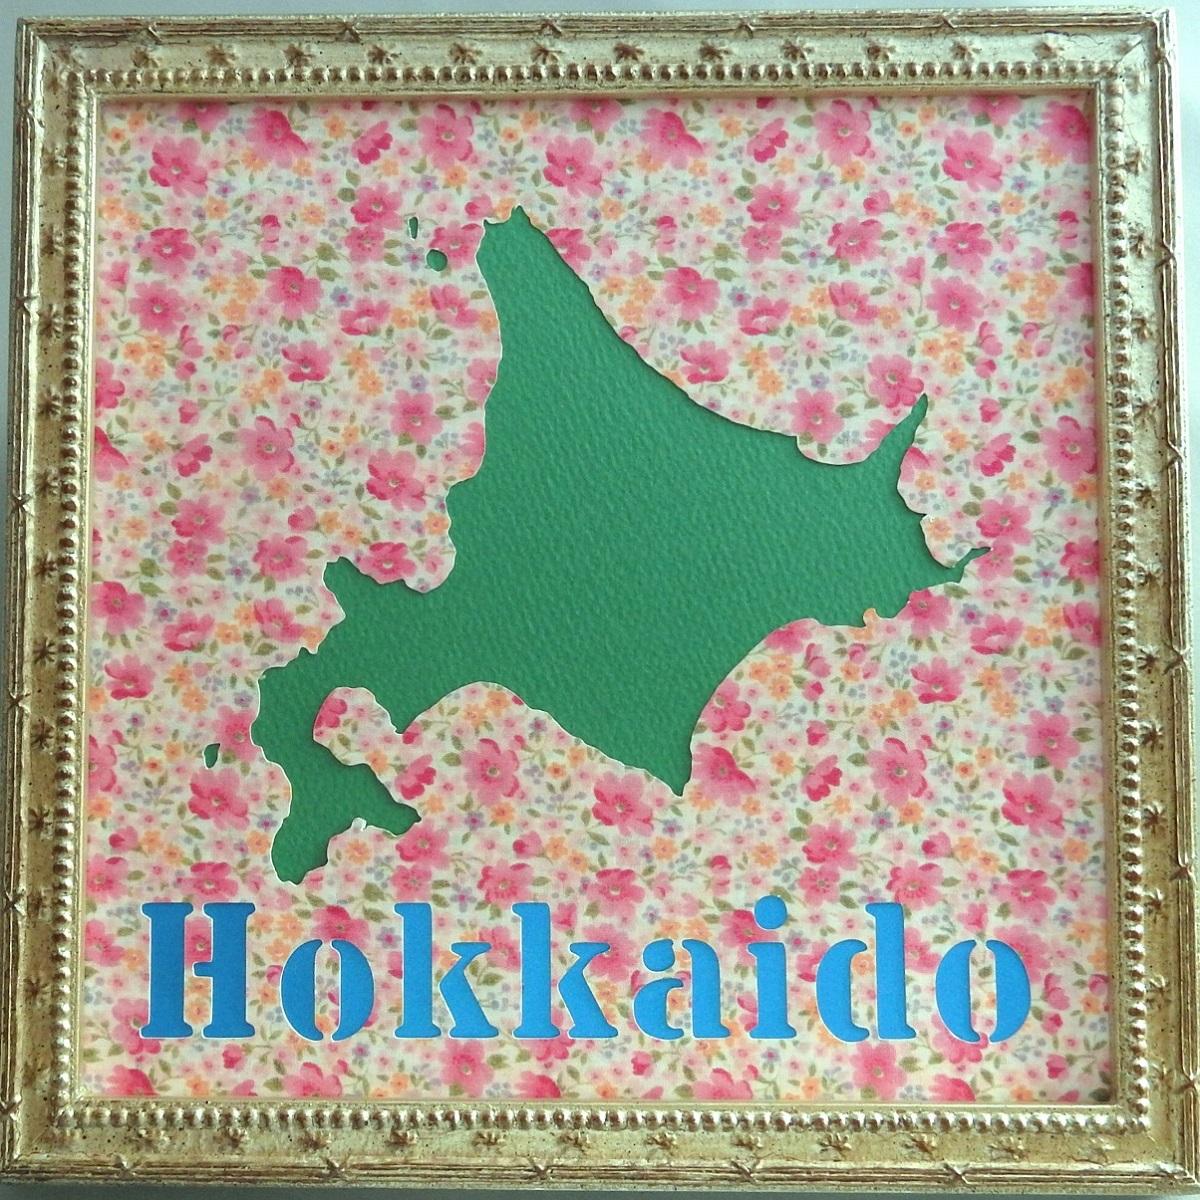 日本一の食料生産地!北海道の地図をモチーフにした壁飾りです。220mmスクエア